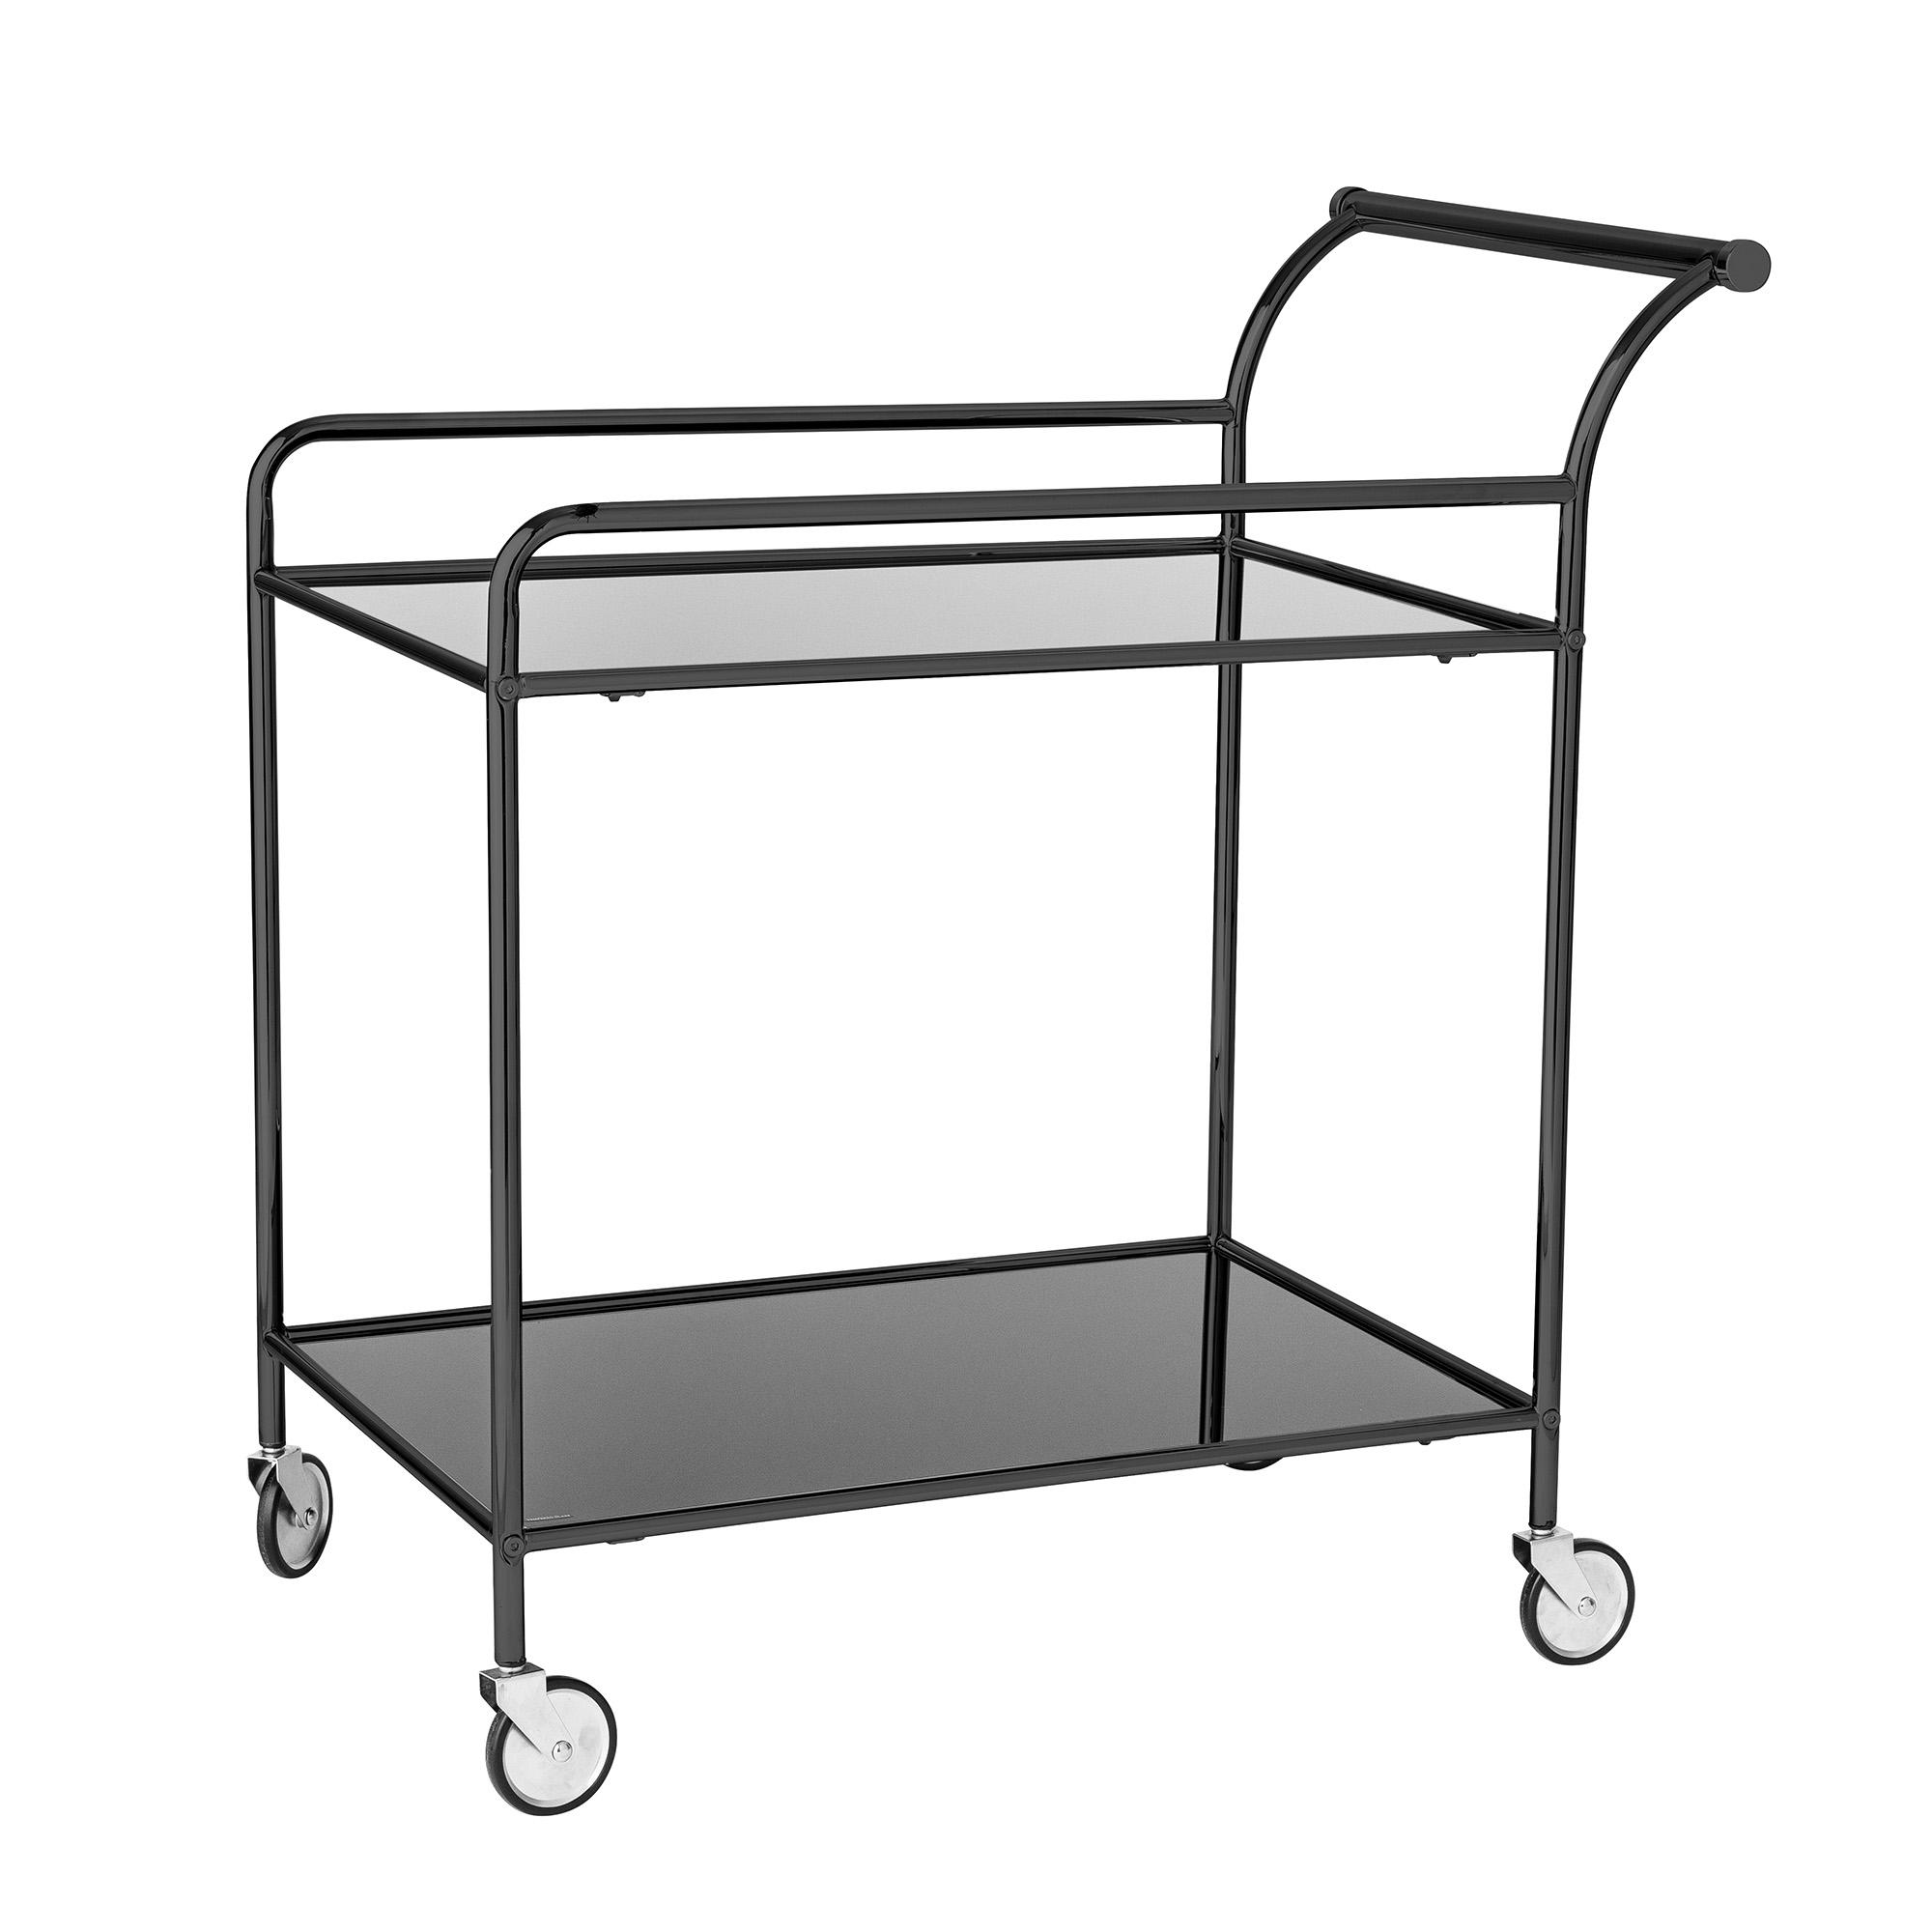 BLOOMINGVILLE Fine rullebord - sort glas/jern, m. 1 hylde og hjul